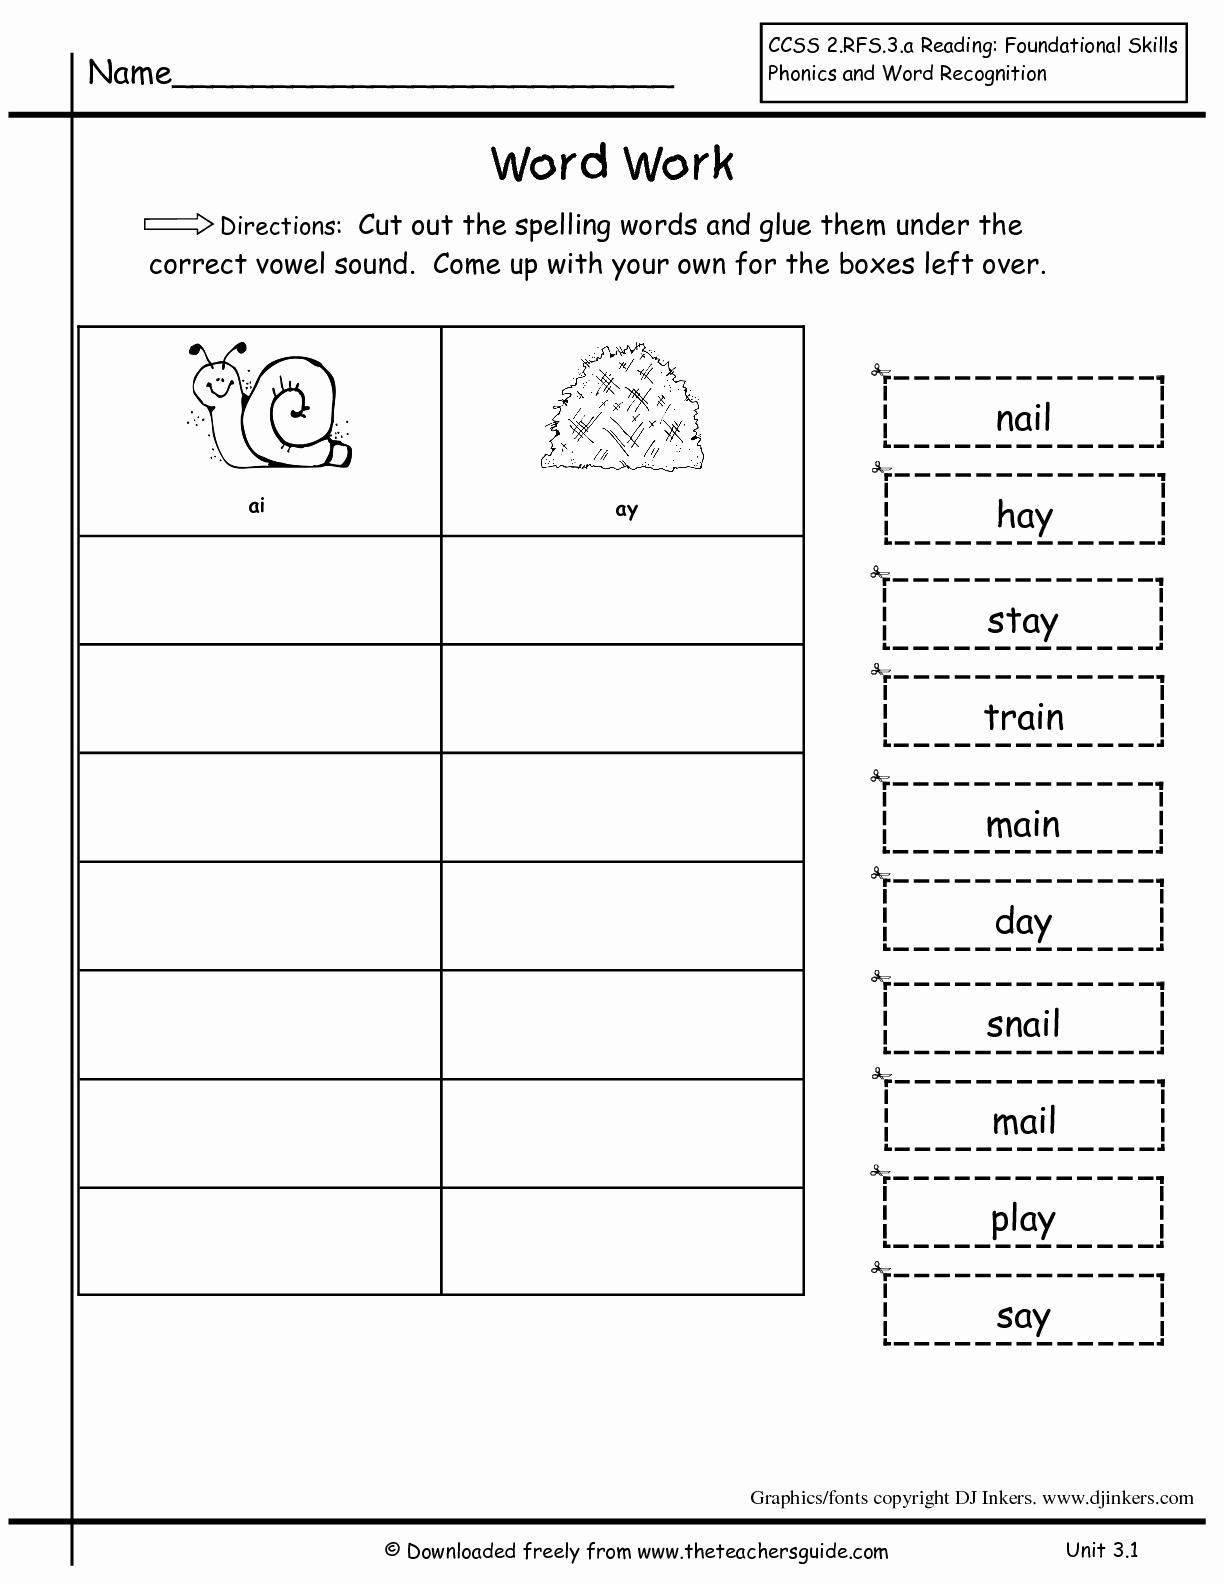 2nd Grade Spelling Worksheets Best Of 2nd Grade Spelling Worksheets to Printable 2nd Grade